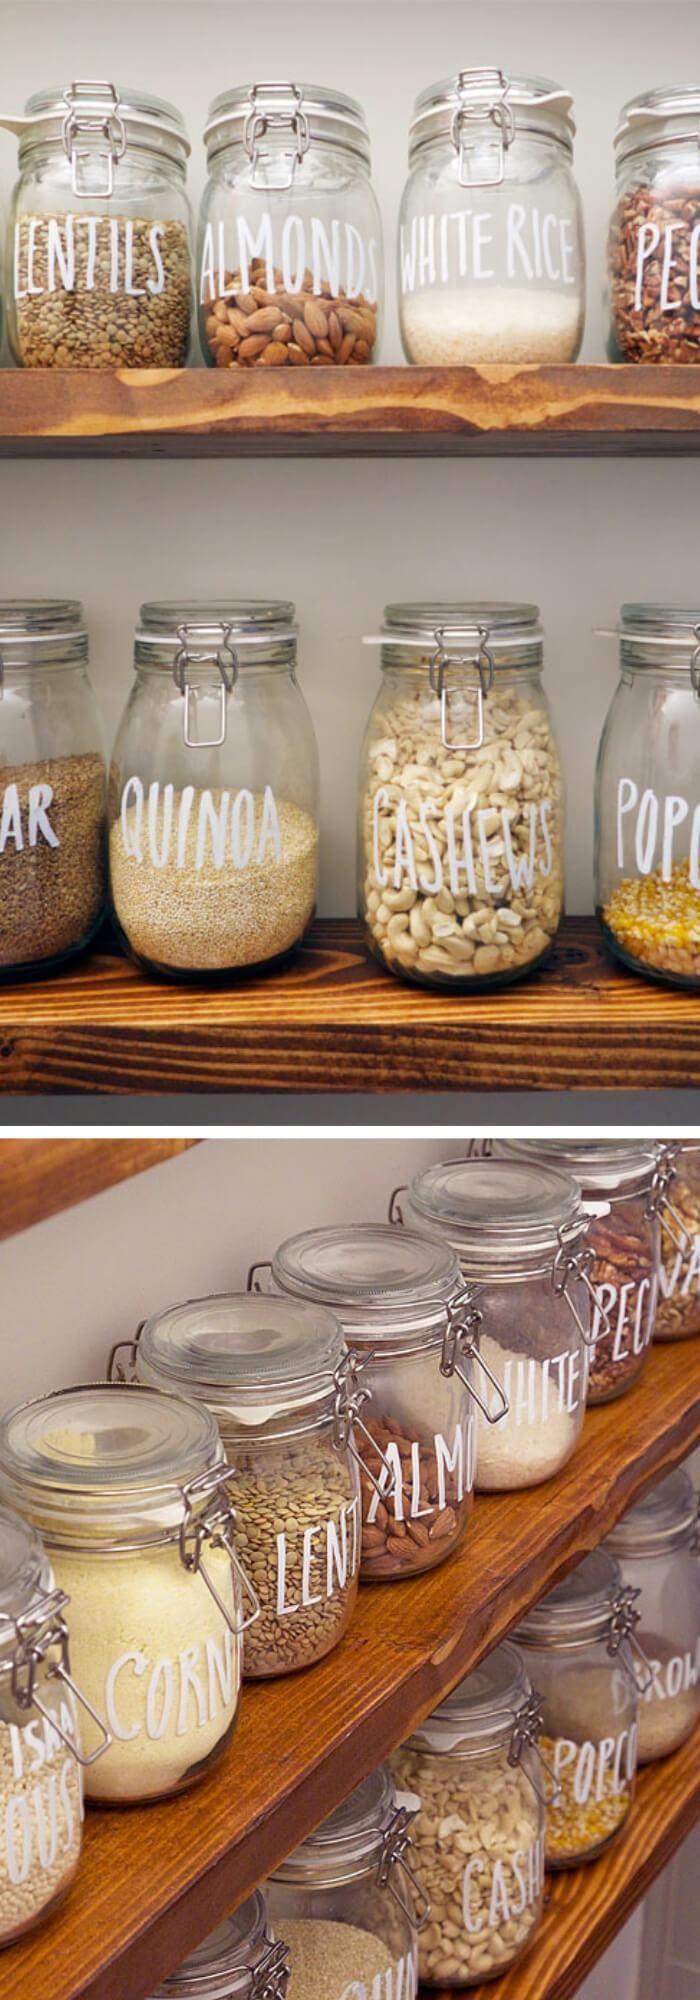 Storage Dry Goods With Mason Jars Inspiring Farmhouse Kitchen Design Decor Ideas Farmhouse Kitchen Design Kitchen Design Decor Kitchen Jars